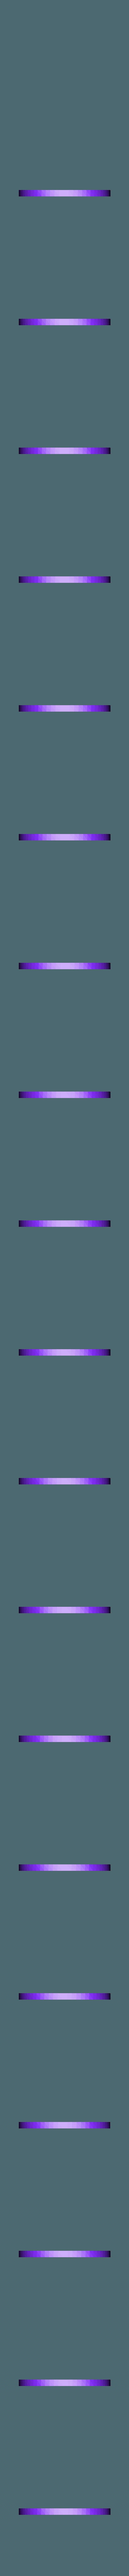 Sapphire_Lantern_Ring_pt2.STL Télécharger fichier STL gratuit Bague de lanterne en saphir pour double extrusion • Modèle imprimable en 3D, niceandeasy